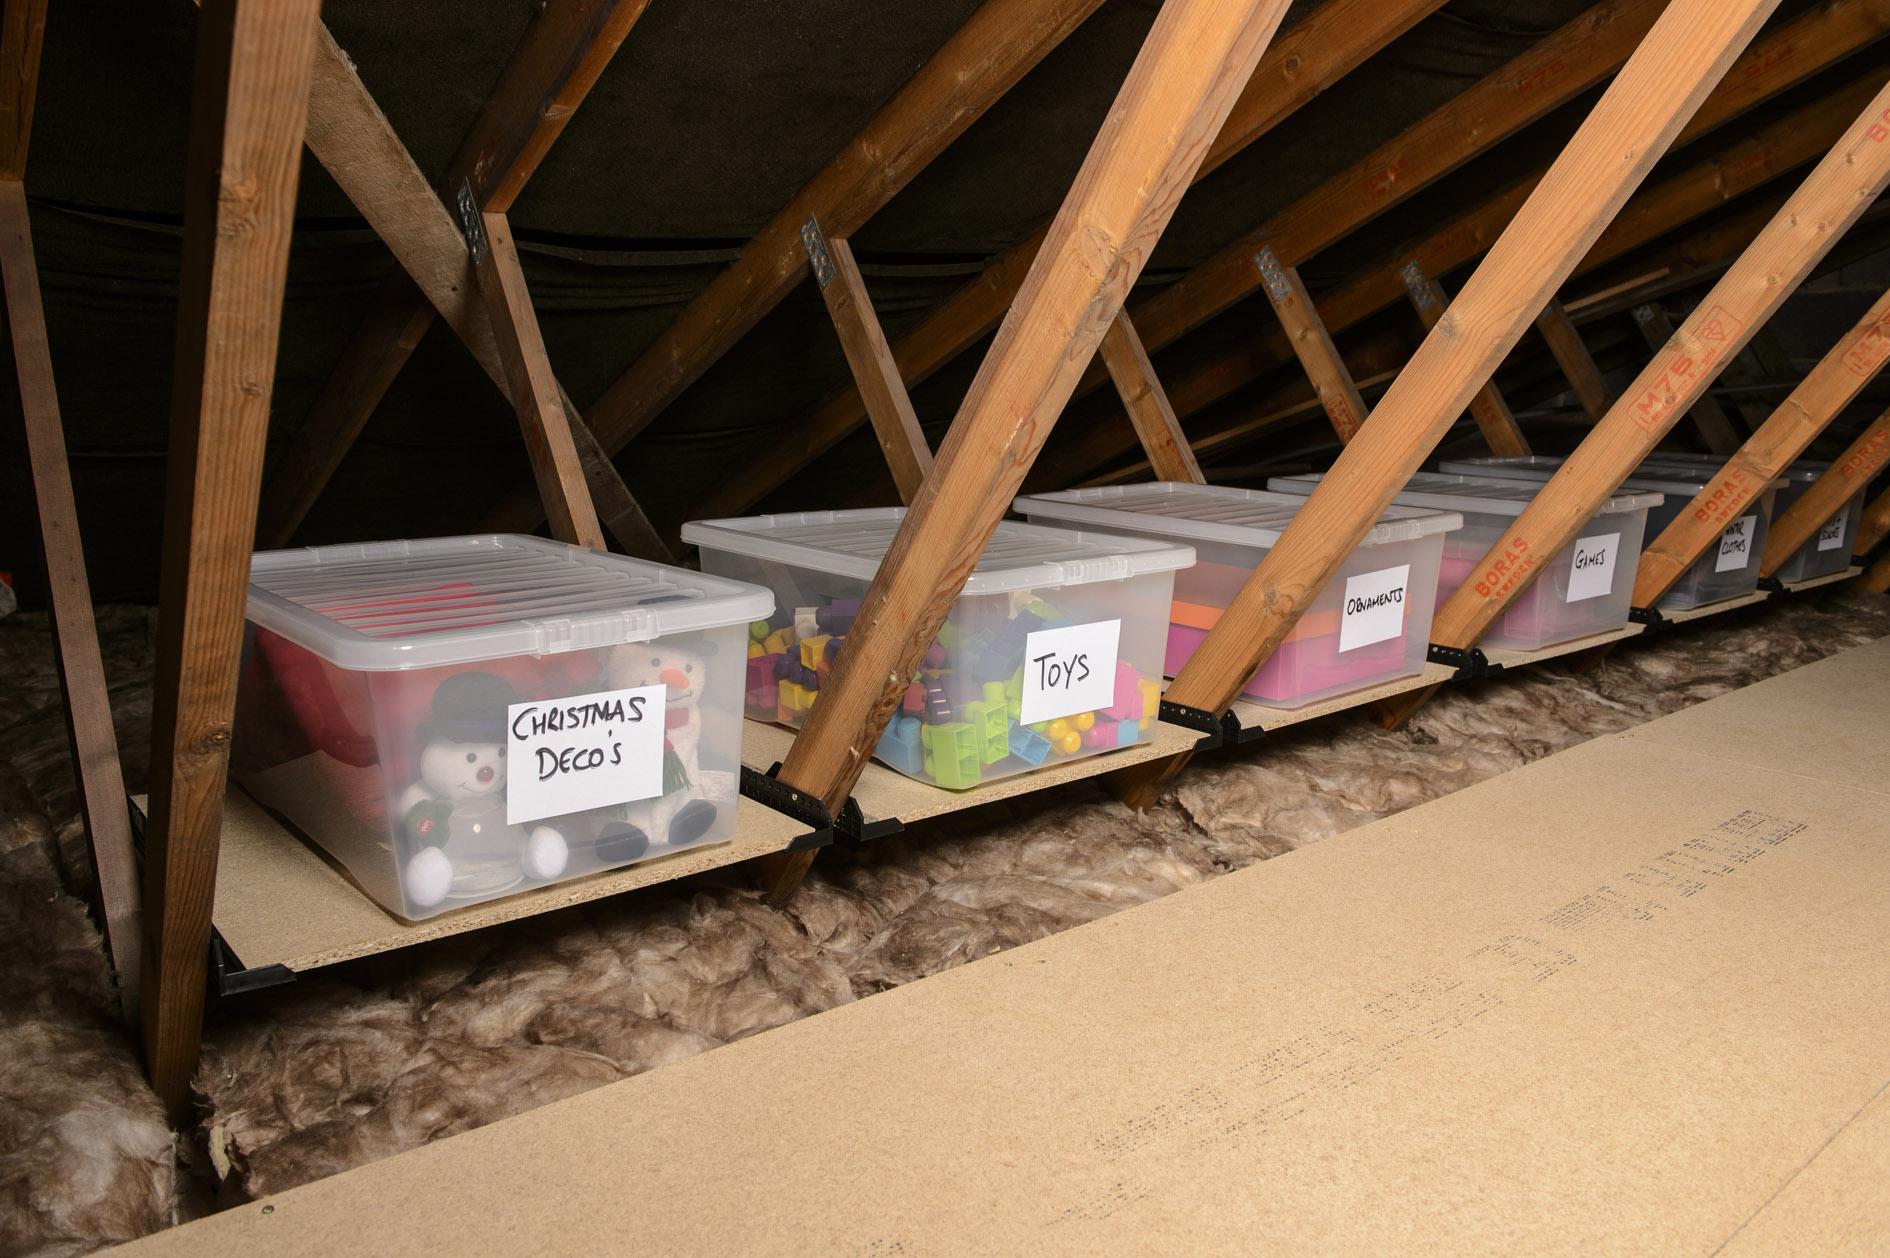 Espace de rangement au grenier pour objets saisonniers.